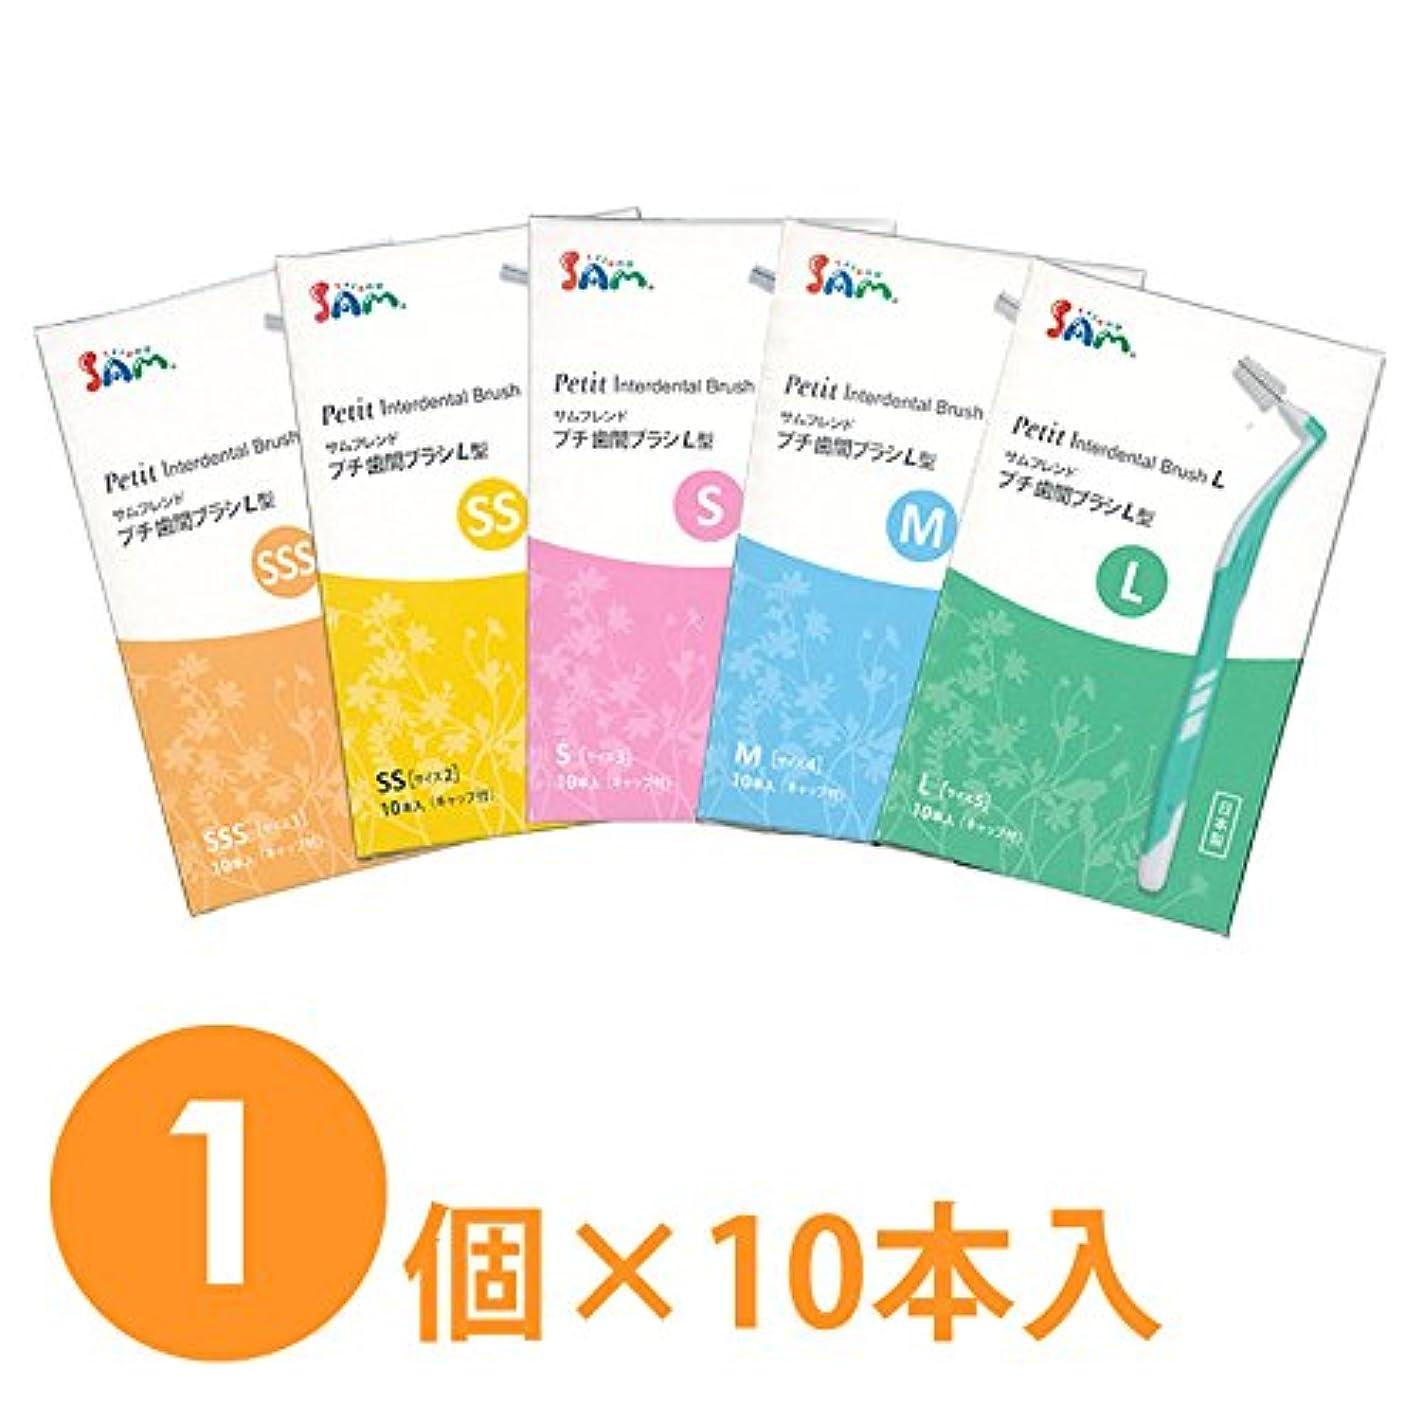 助手記念品用心する【1個】サンデンタル サムフレンド プチ歯間ブラシL型 10本入り (SS(2)イエロー)